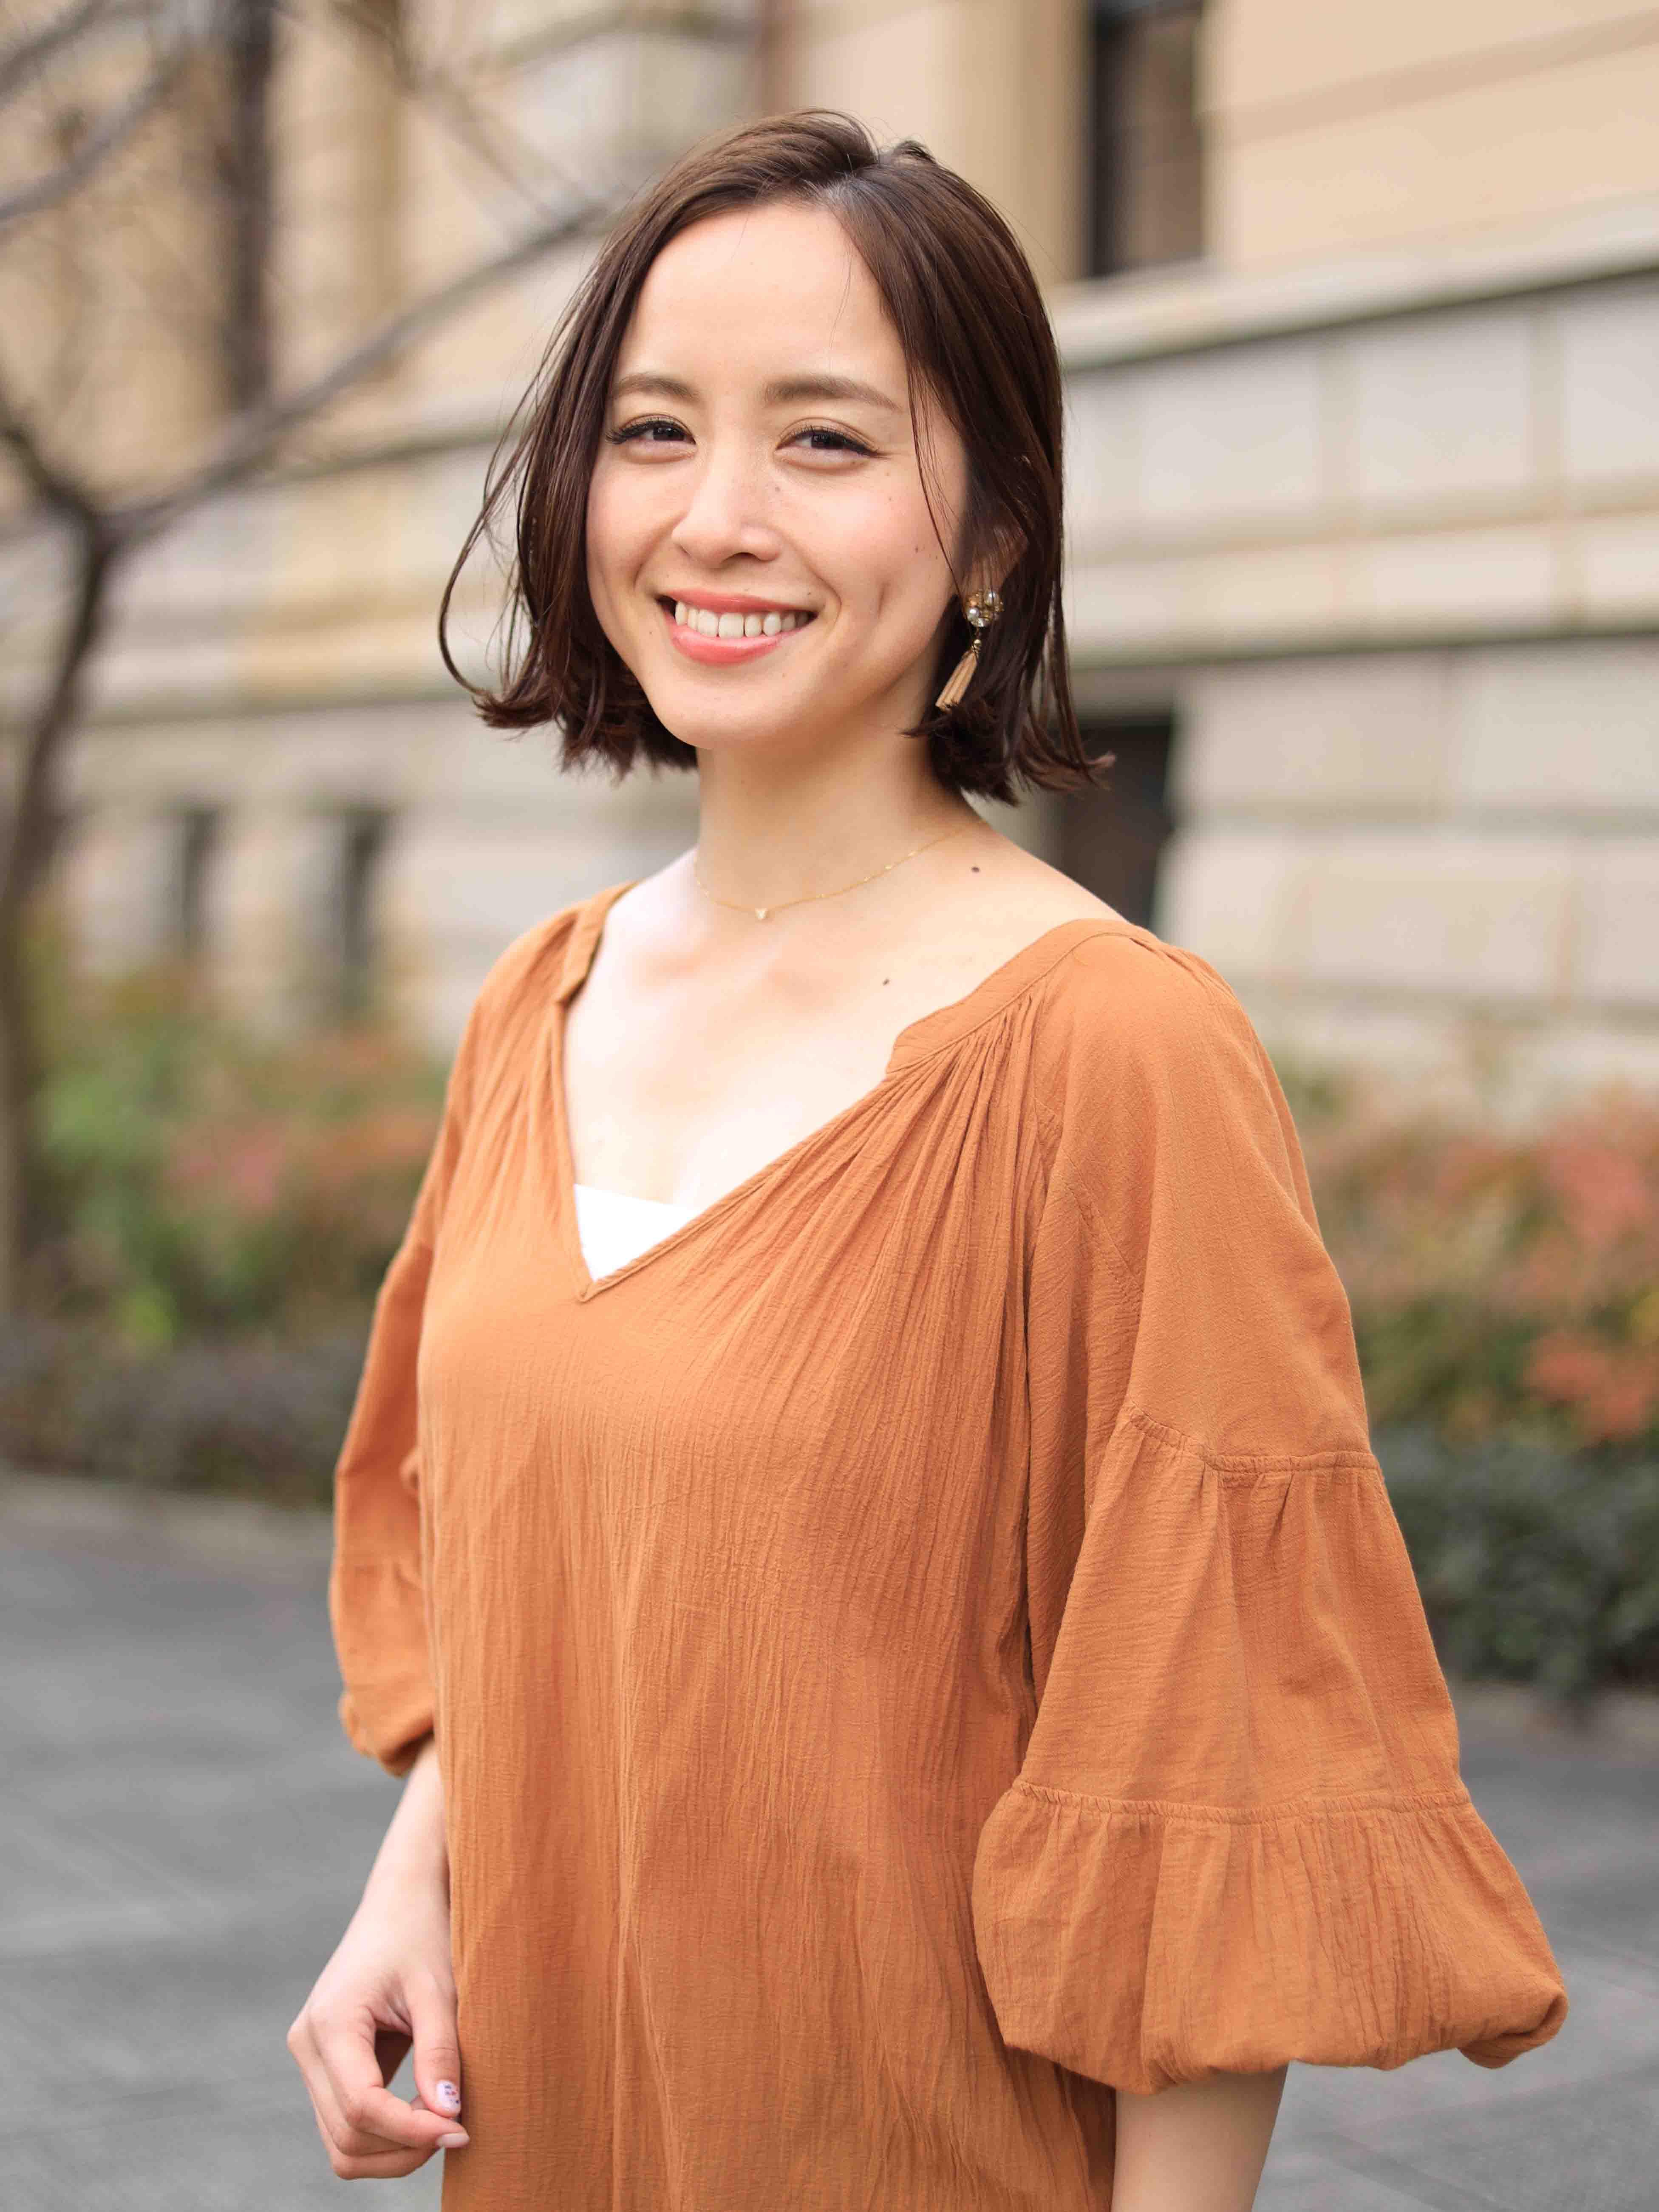 武田 訓佳 | PROFILE | MAIMU 舞夢プロ|東京・大阪の芸能プロダクション